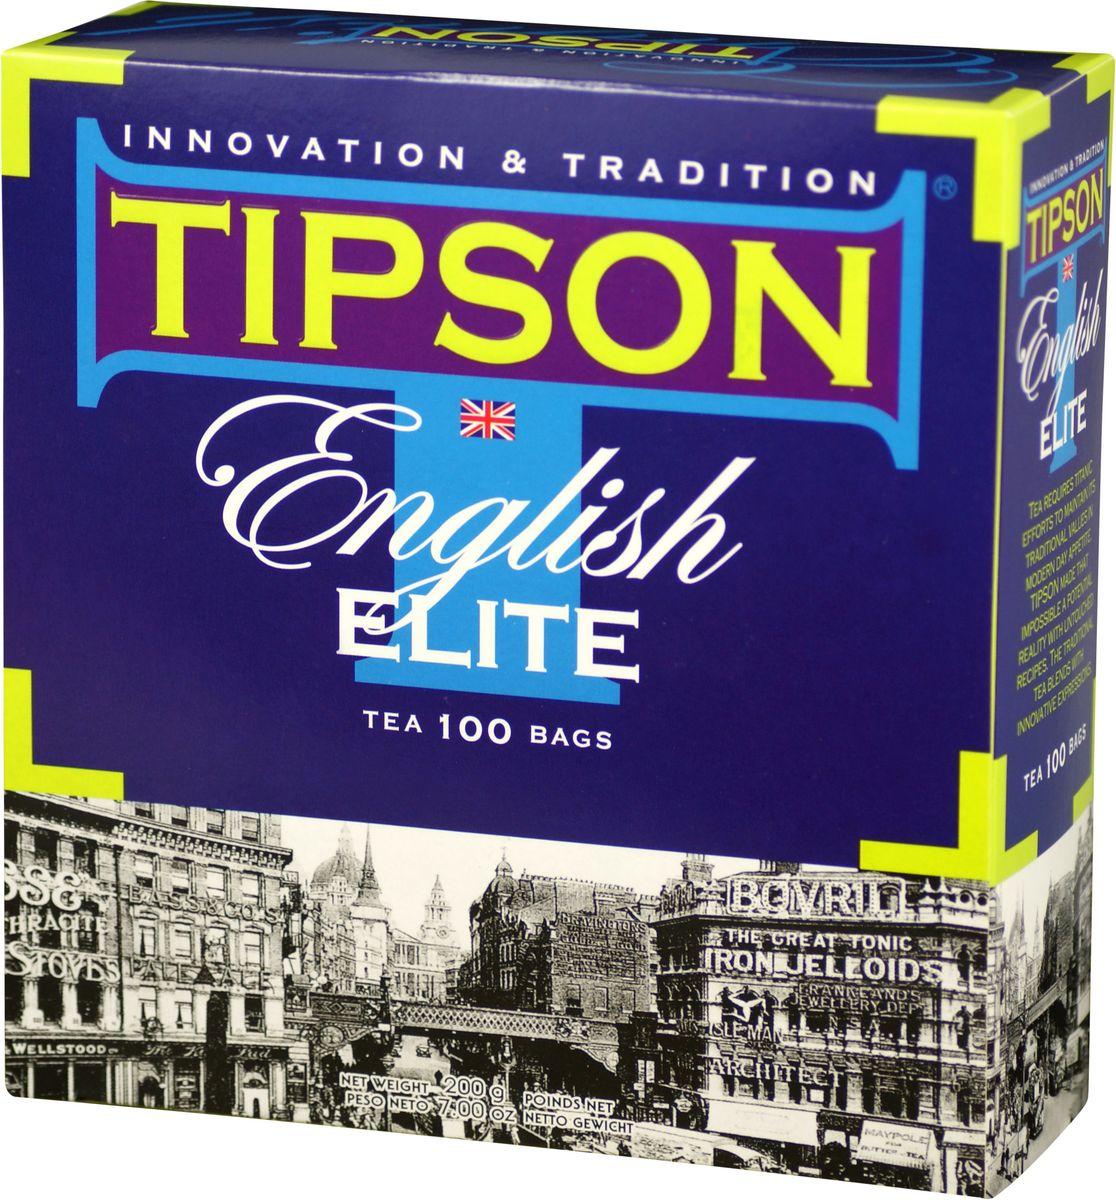 Tipson English Elite черный чай в пакетиках, 100 шт0120710Чай чёрный цейлонский байховый мелколистовой Tipson English Elite с ароматом бергамота в пакетиках с ярлычками для разовой заварки. Этот элитный чай с лёгким оттенком бергамота создан в лучших английских традициях. Он способствует отдыху, пробуждает вдохновение и дарит моменты наслаждения.